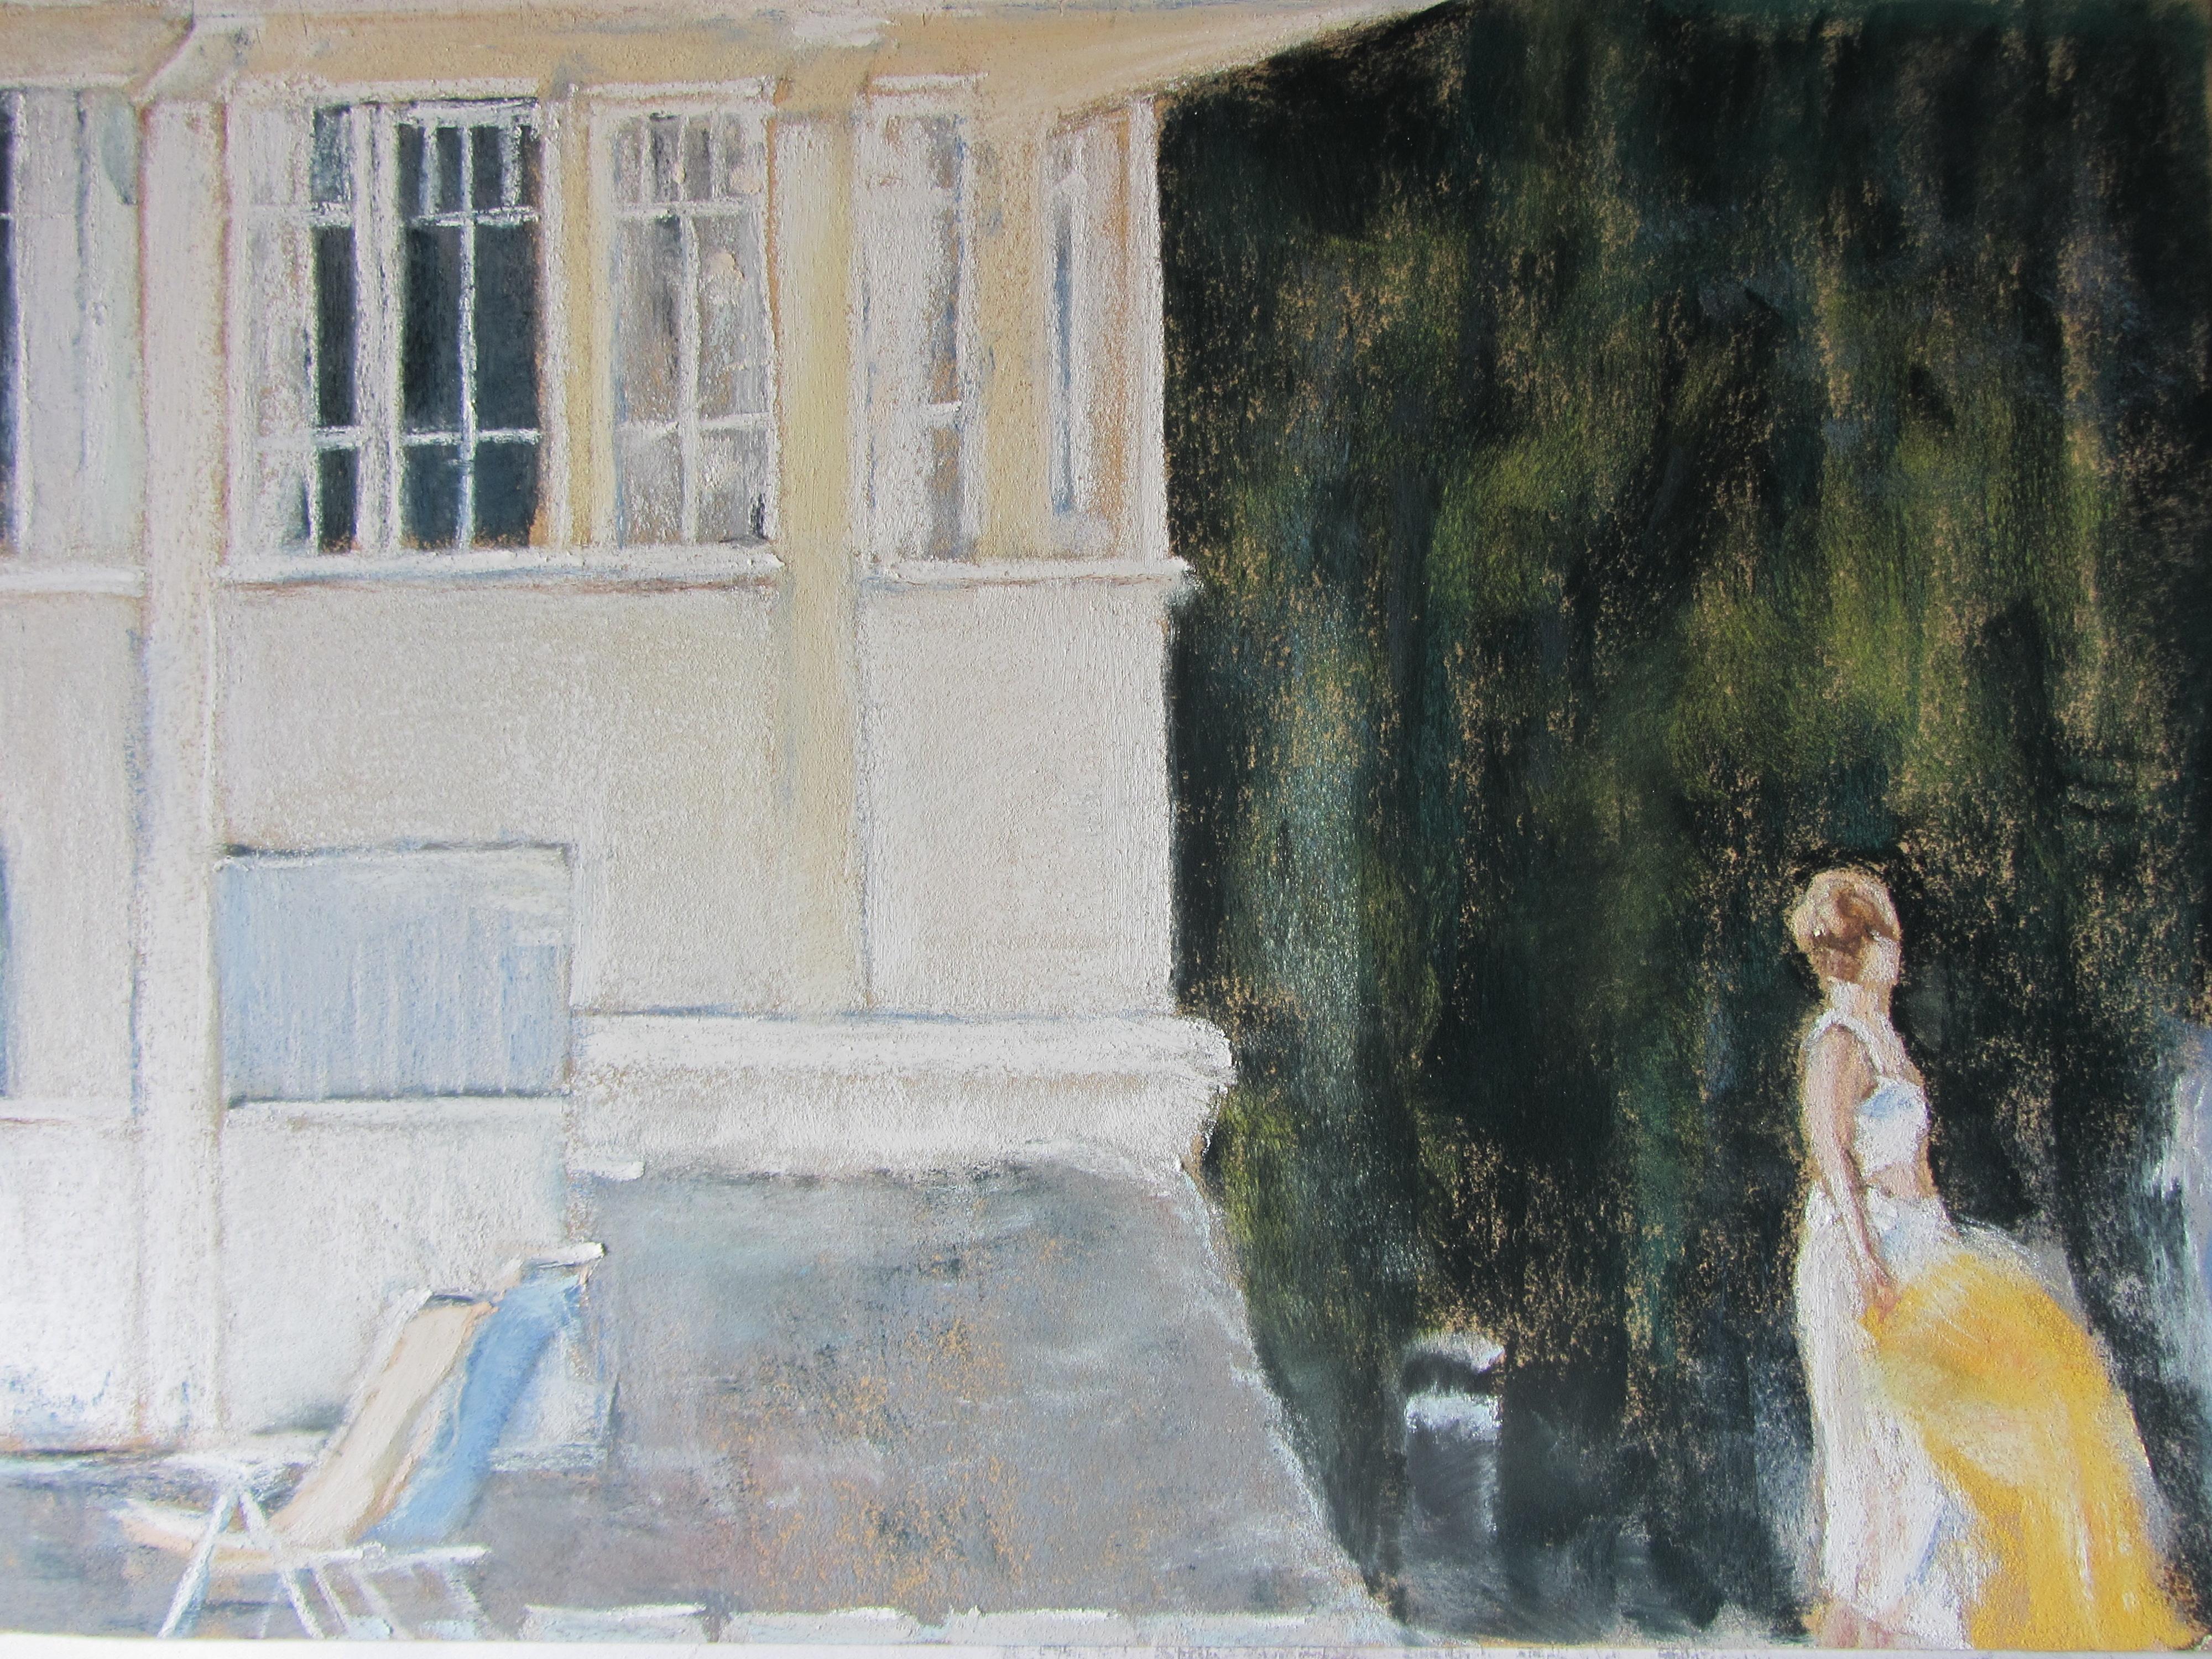 Personnage à Saint-Cast - Pastel sec par Isabelle Douzamy - 30x40 cm